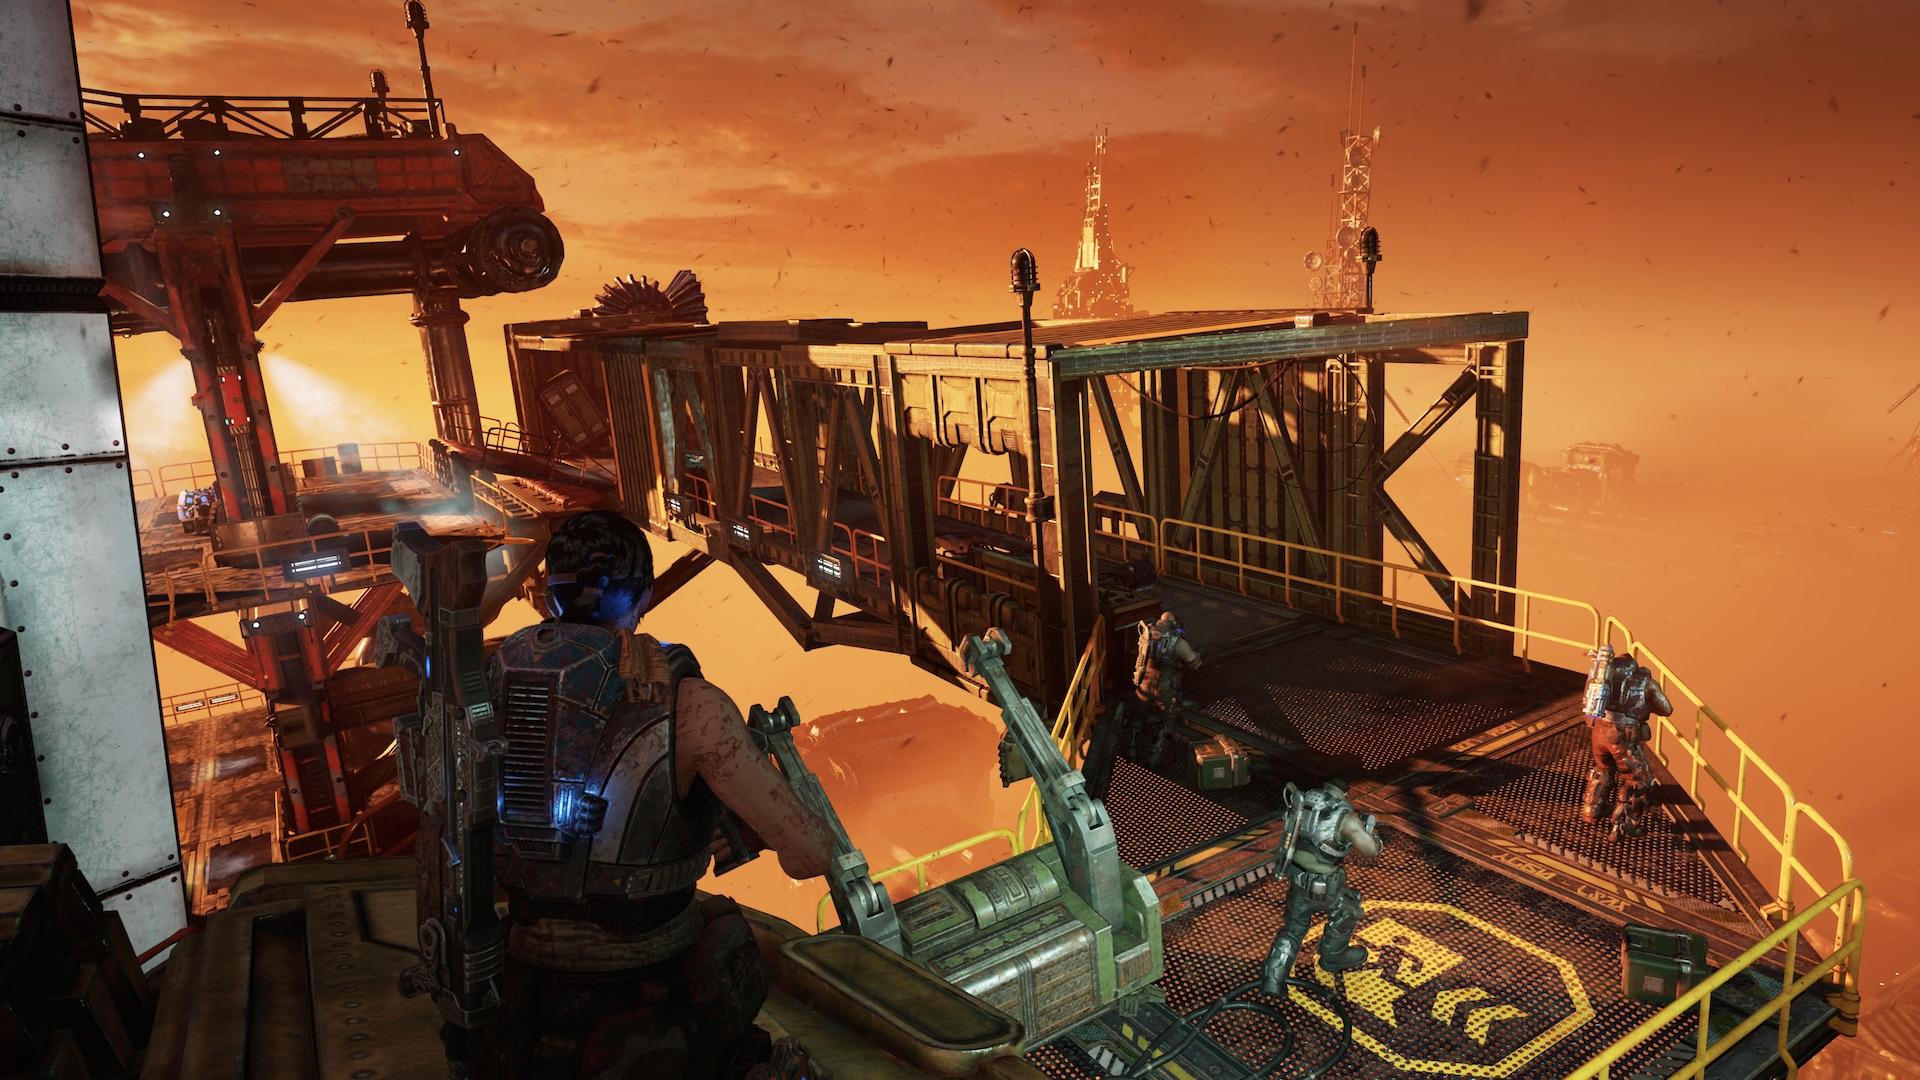 Наконец, чрезвычайно выдающаяся игра под флагом Microsoft. Gears 5 прекрасно экспериментирует с формой - обзор 5